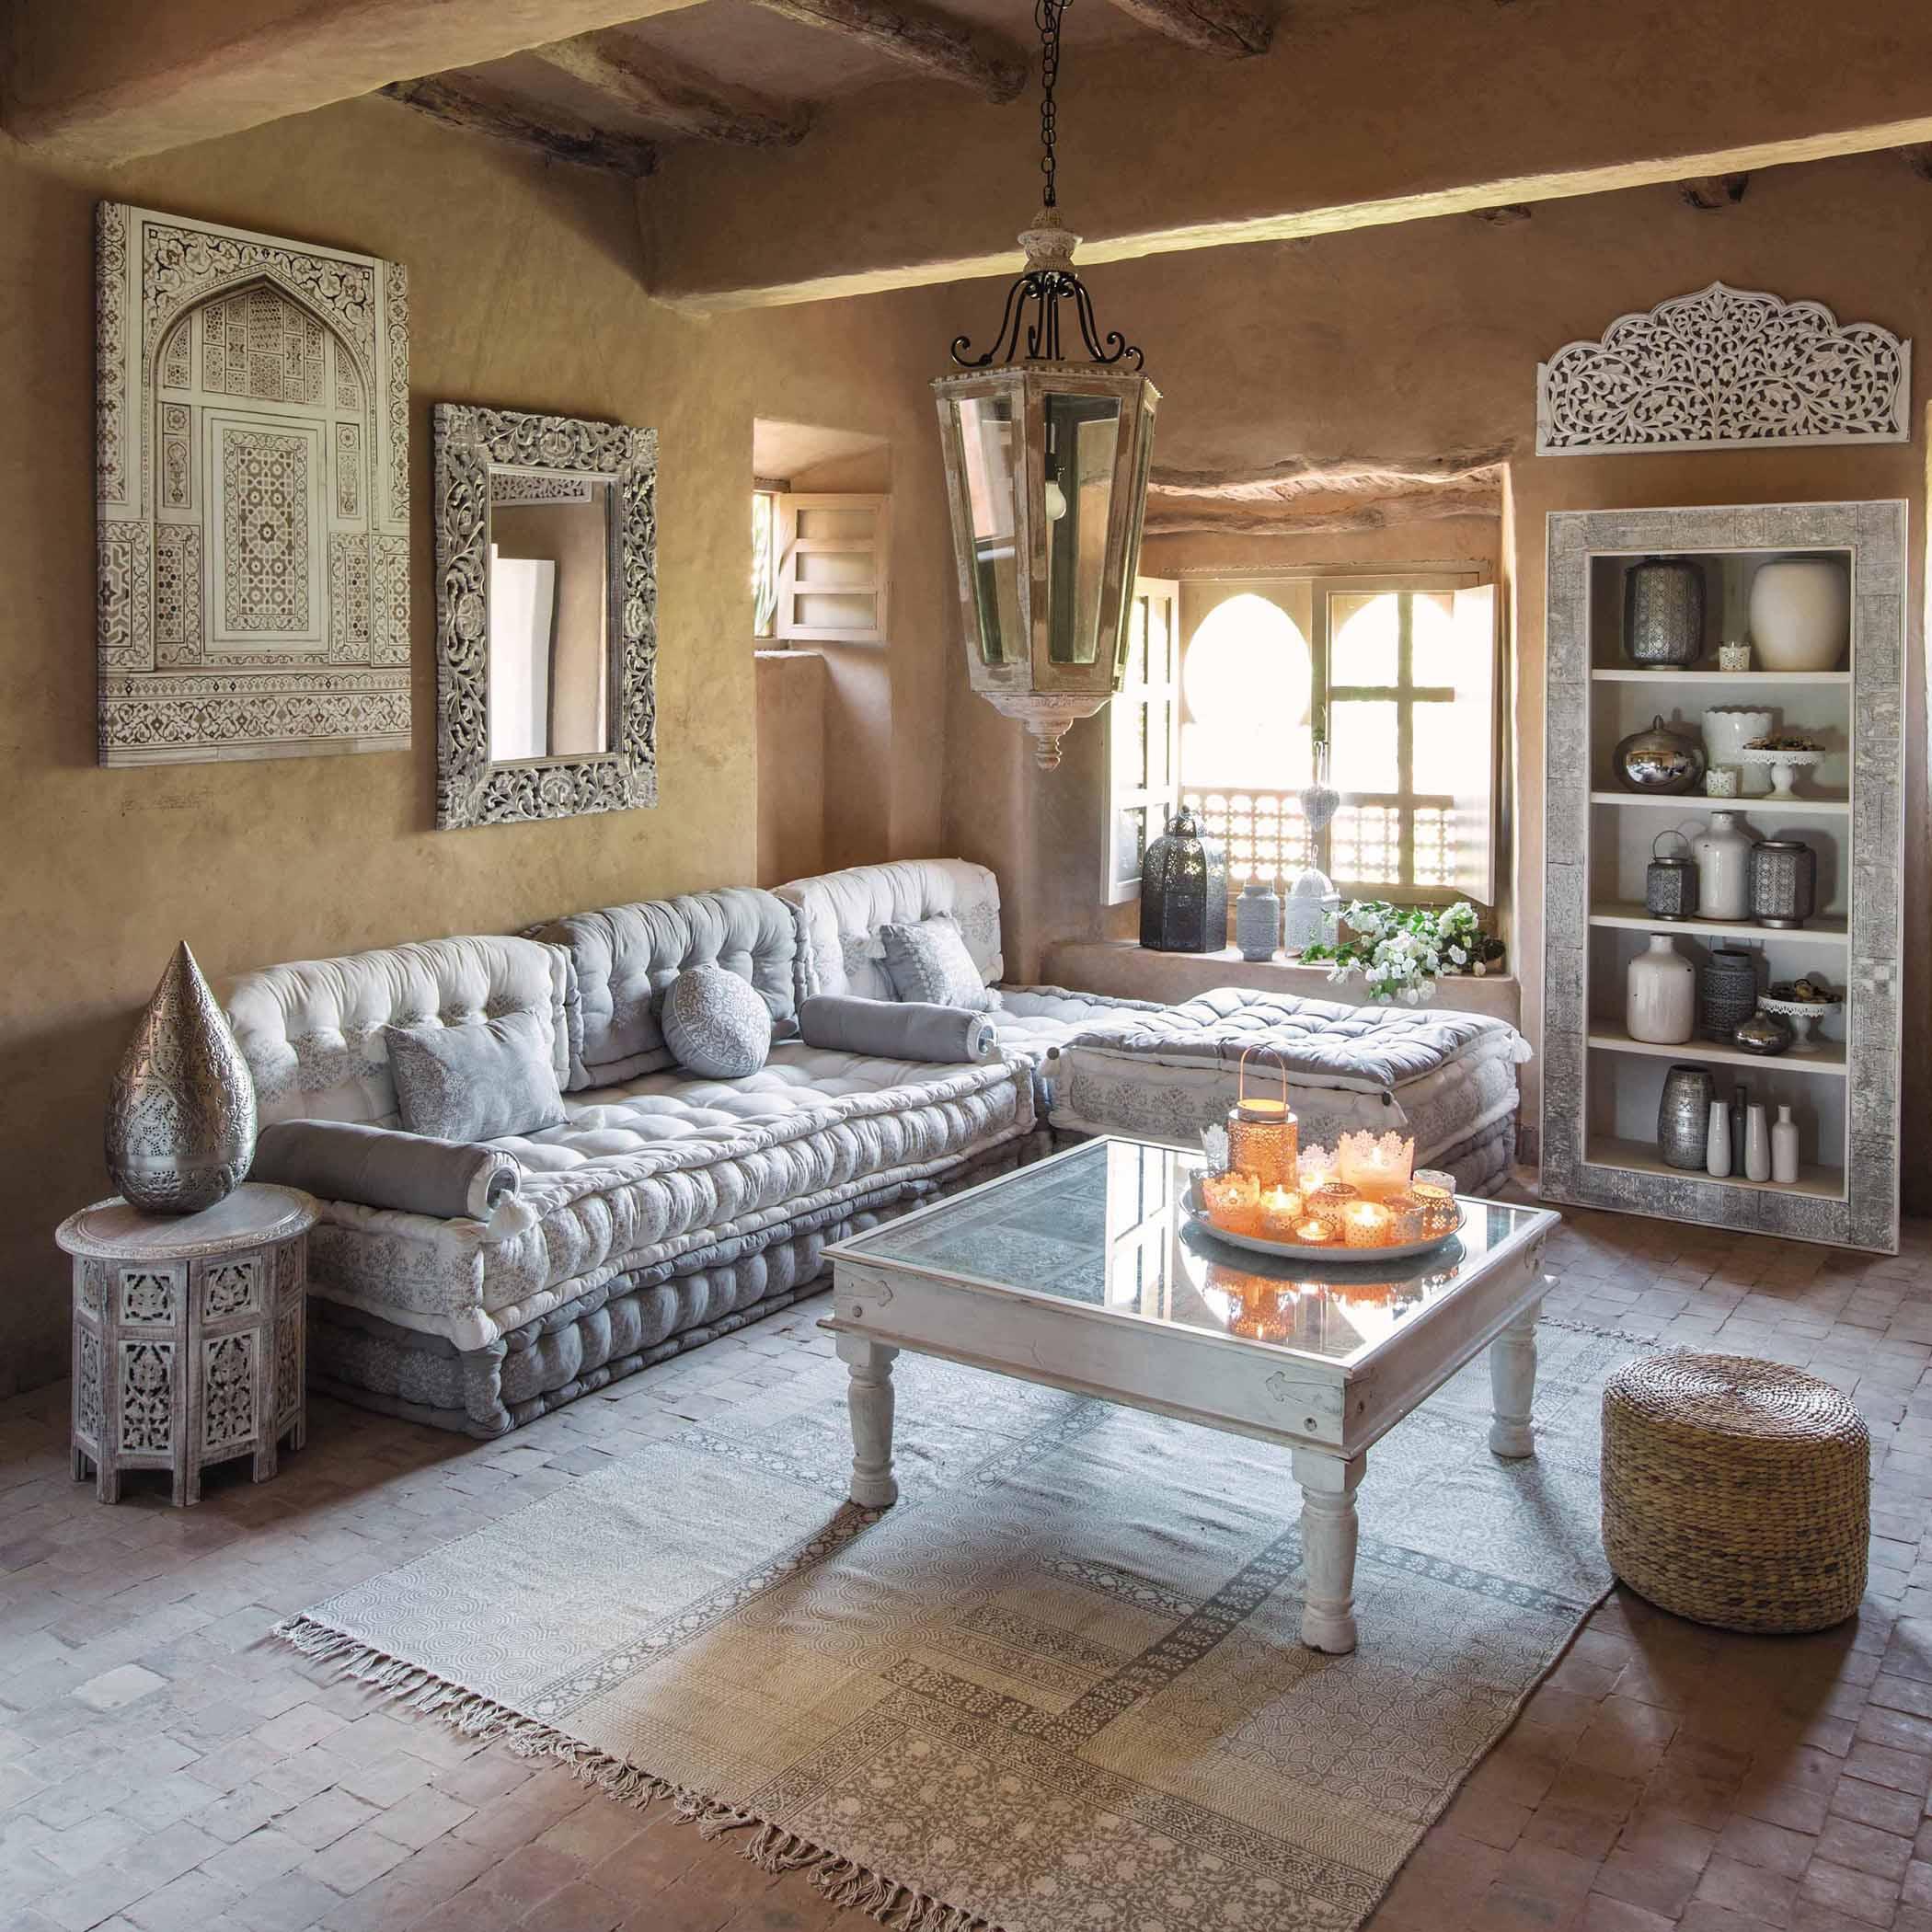 Elegant Marokkanischer Stil Modern Interpretiert #couchtisch #beistelltisch  #teppich #wandschrank #pouf #wandspiegel